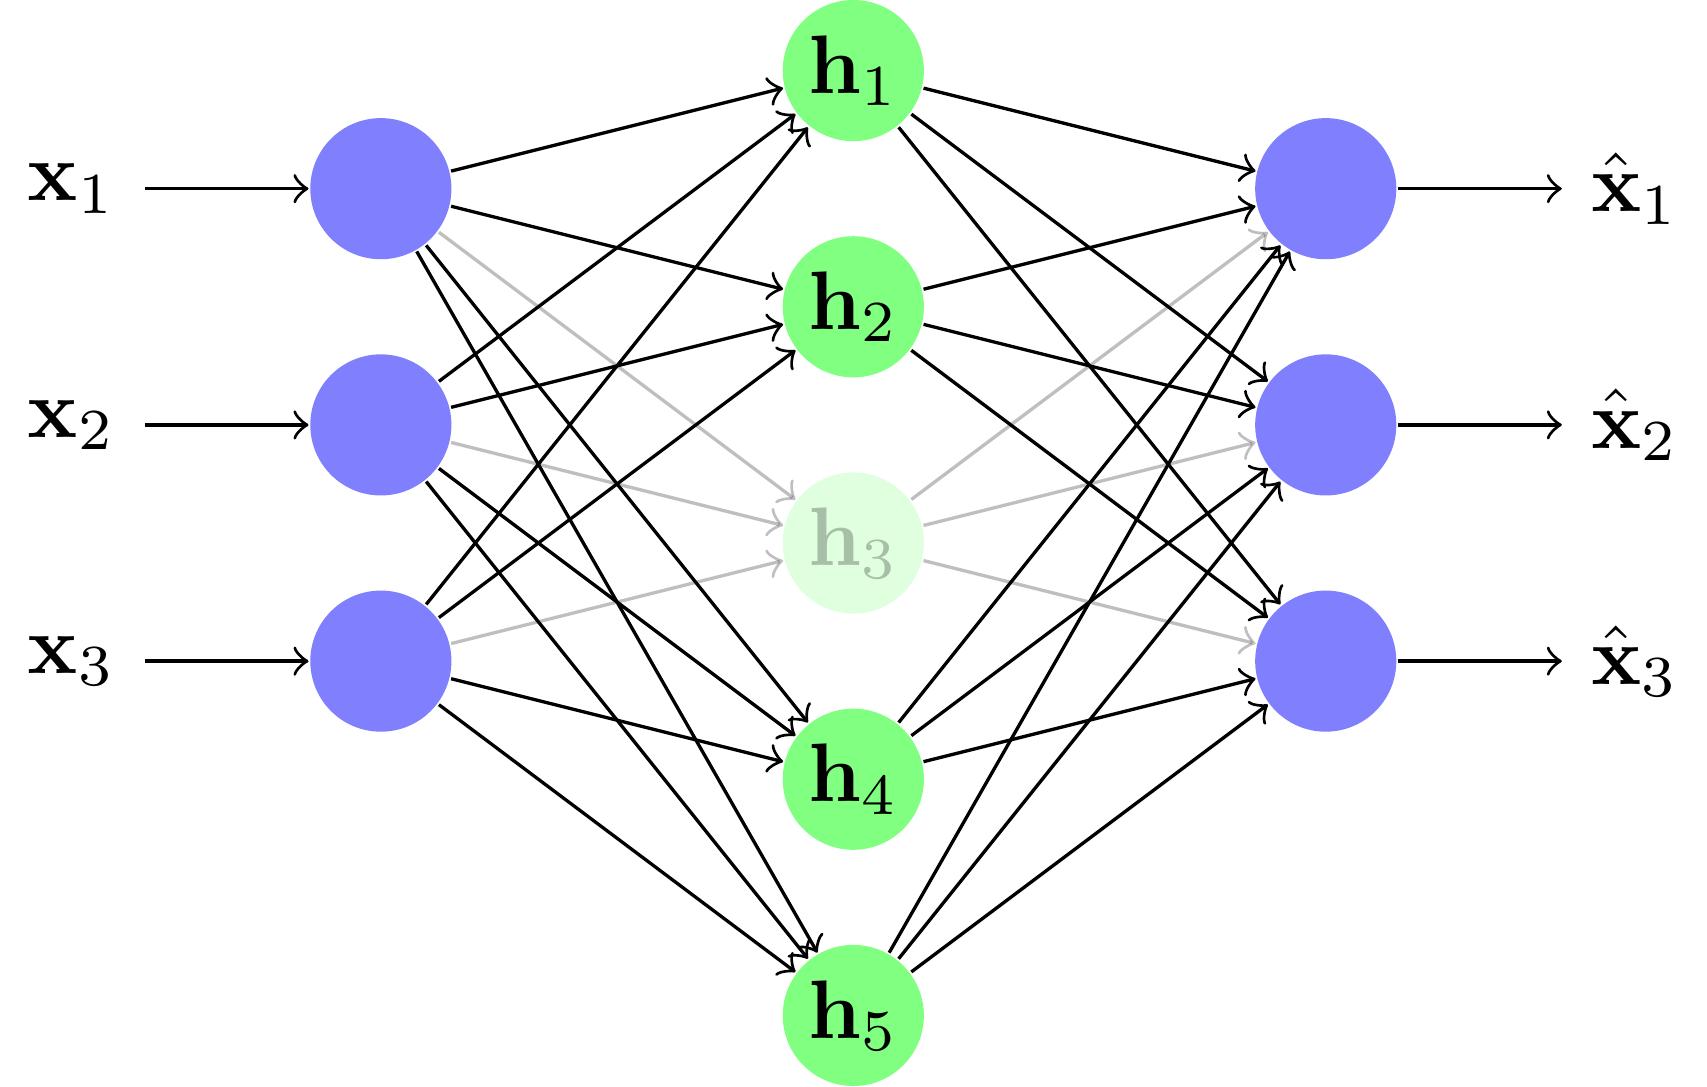 Apprendre un réseau over-complete en déconnectant des neurones